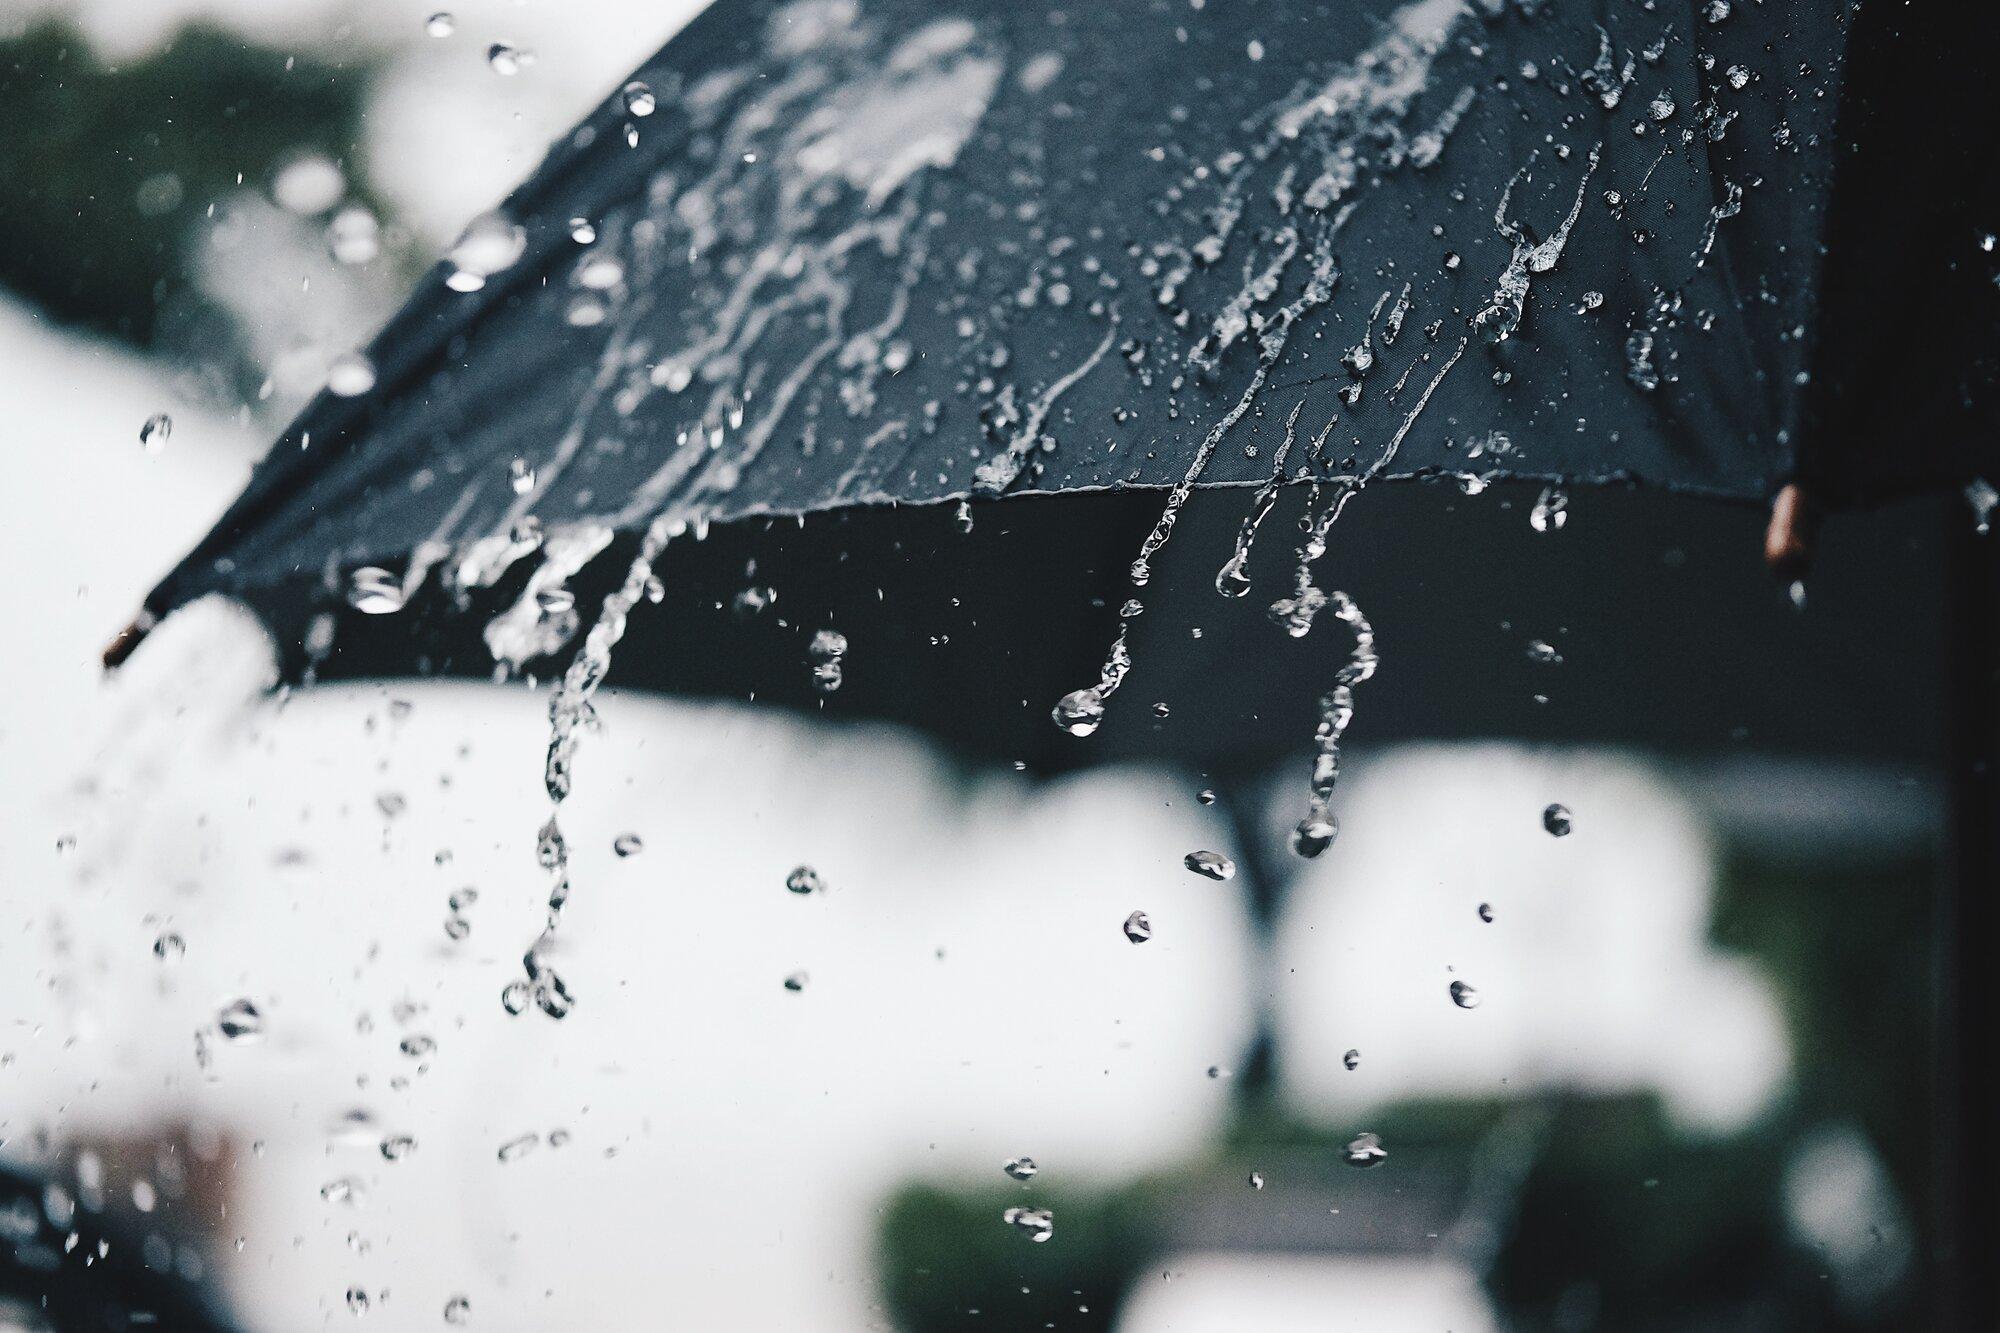 Umbrella-in-the-rain_NoLocation_1_2000x1333_etovilla